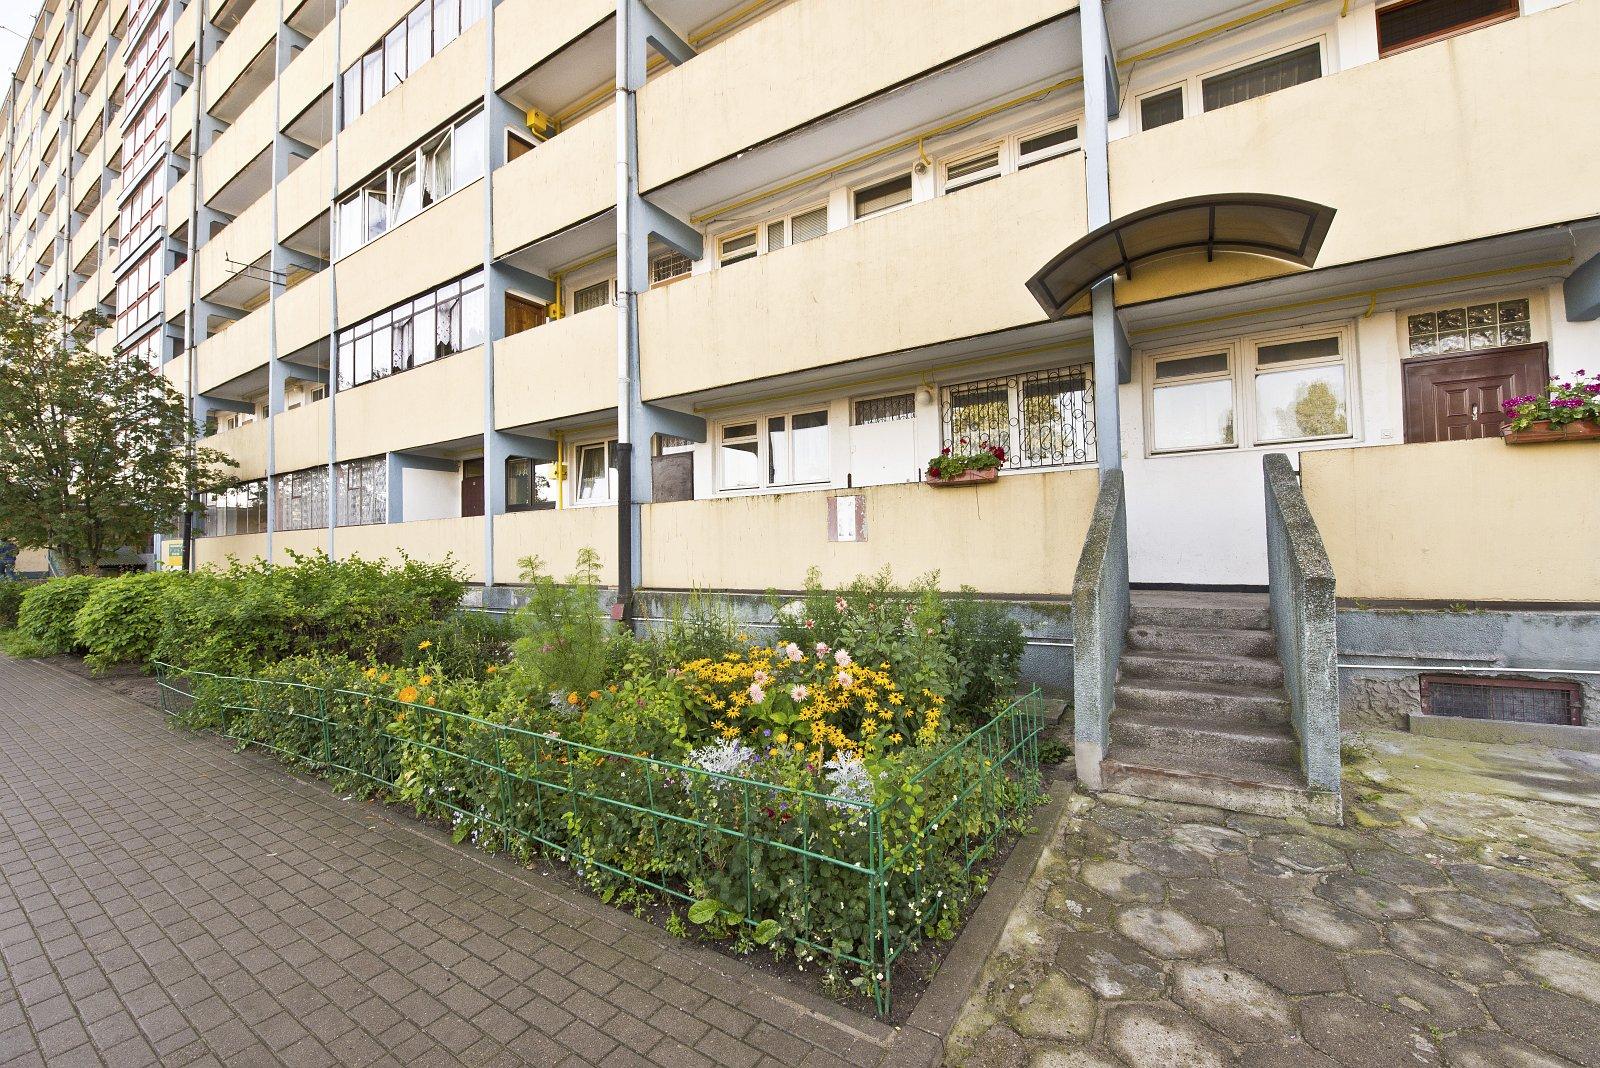 mieszkanie-wynajem-gdansk-k-04-02web